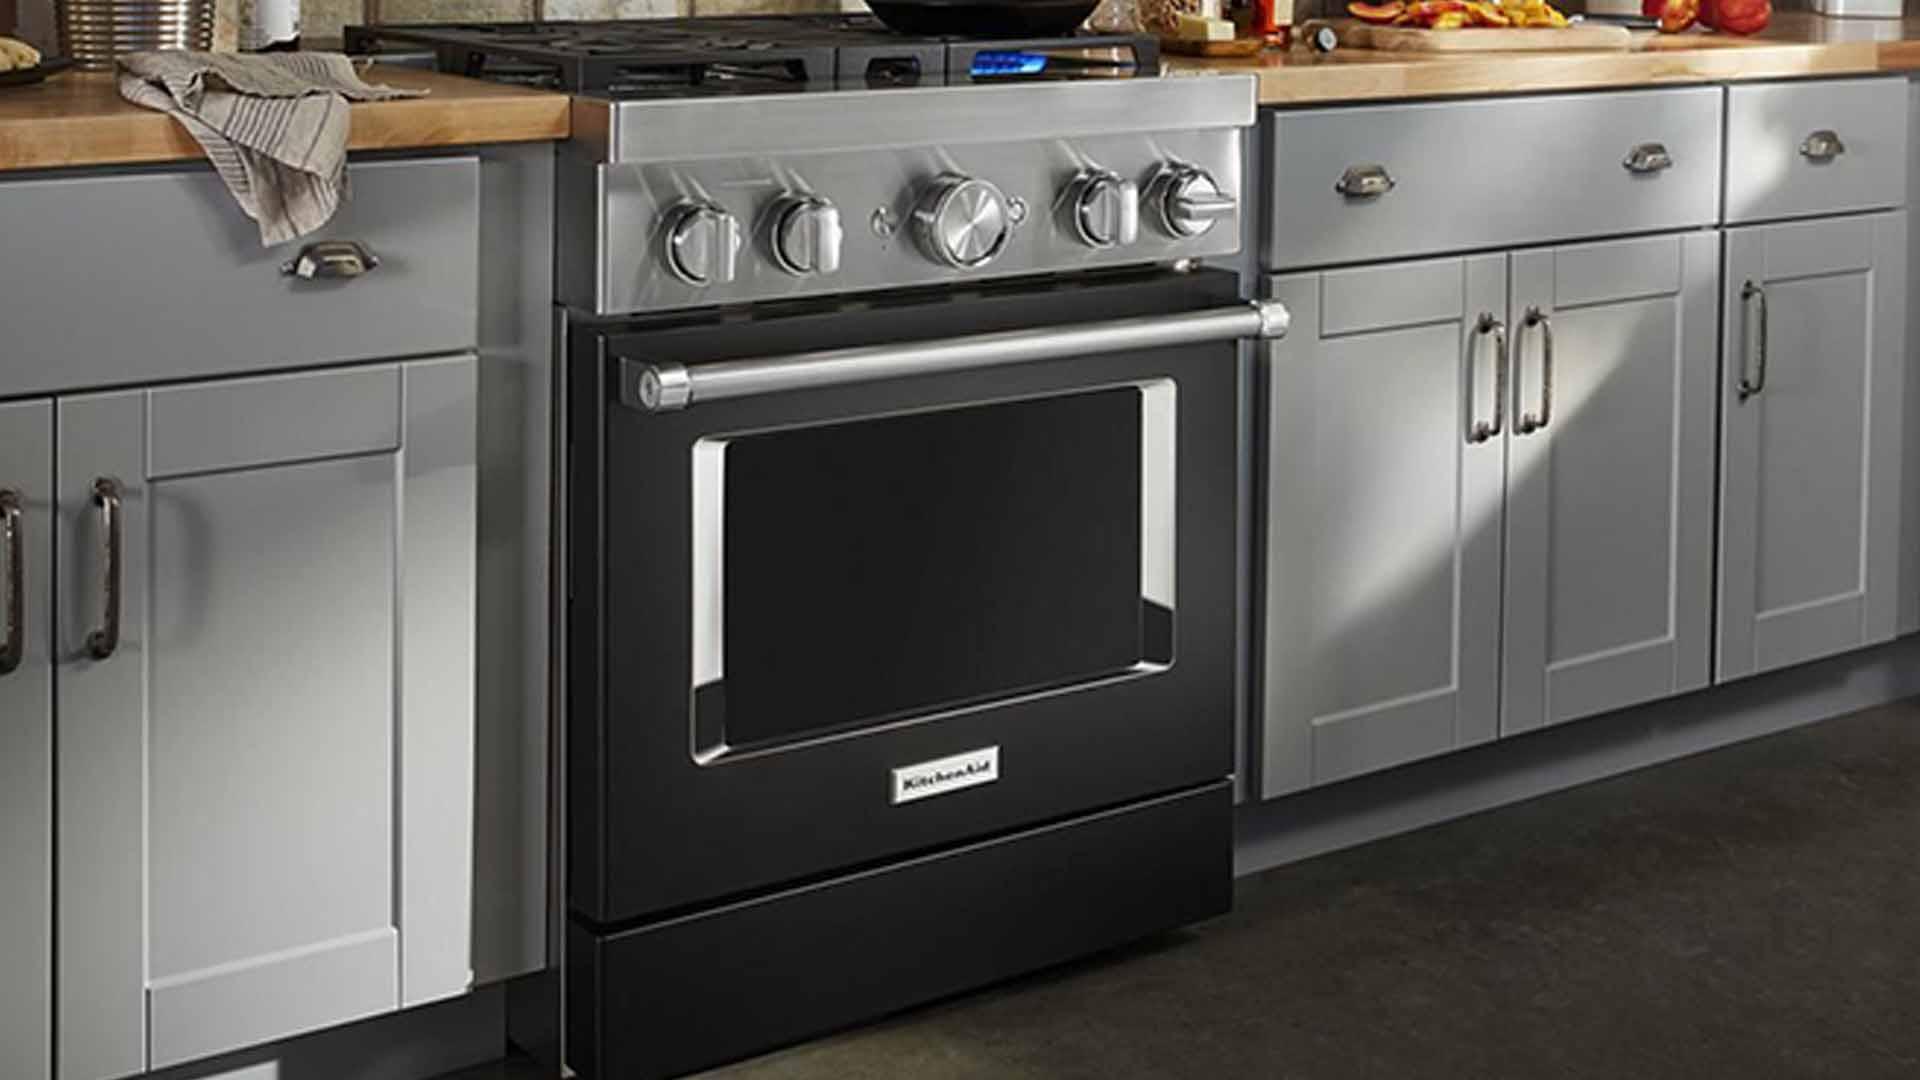 Kitchenaid Range Repair Service | Kitchenaid Repairs